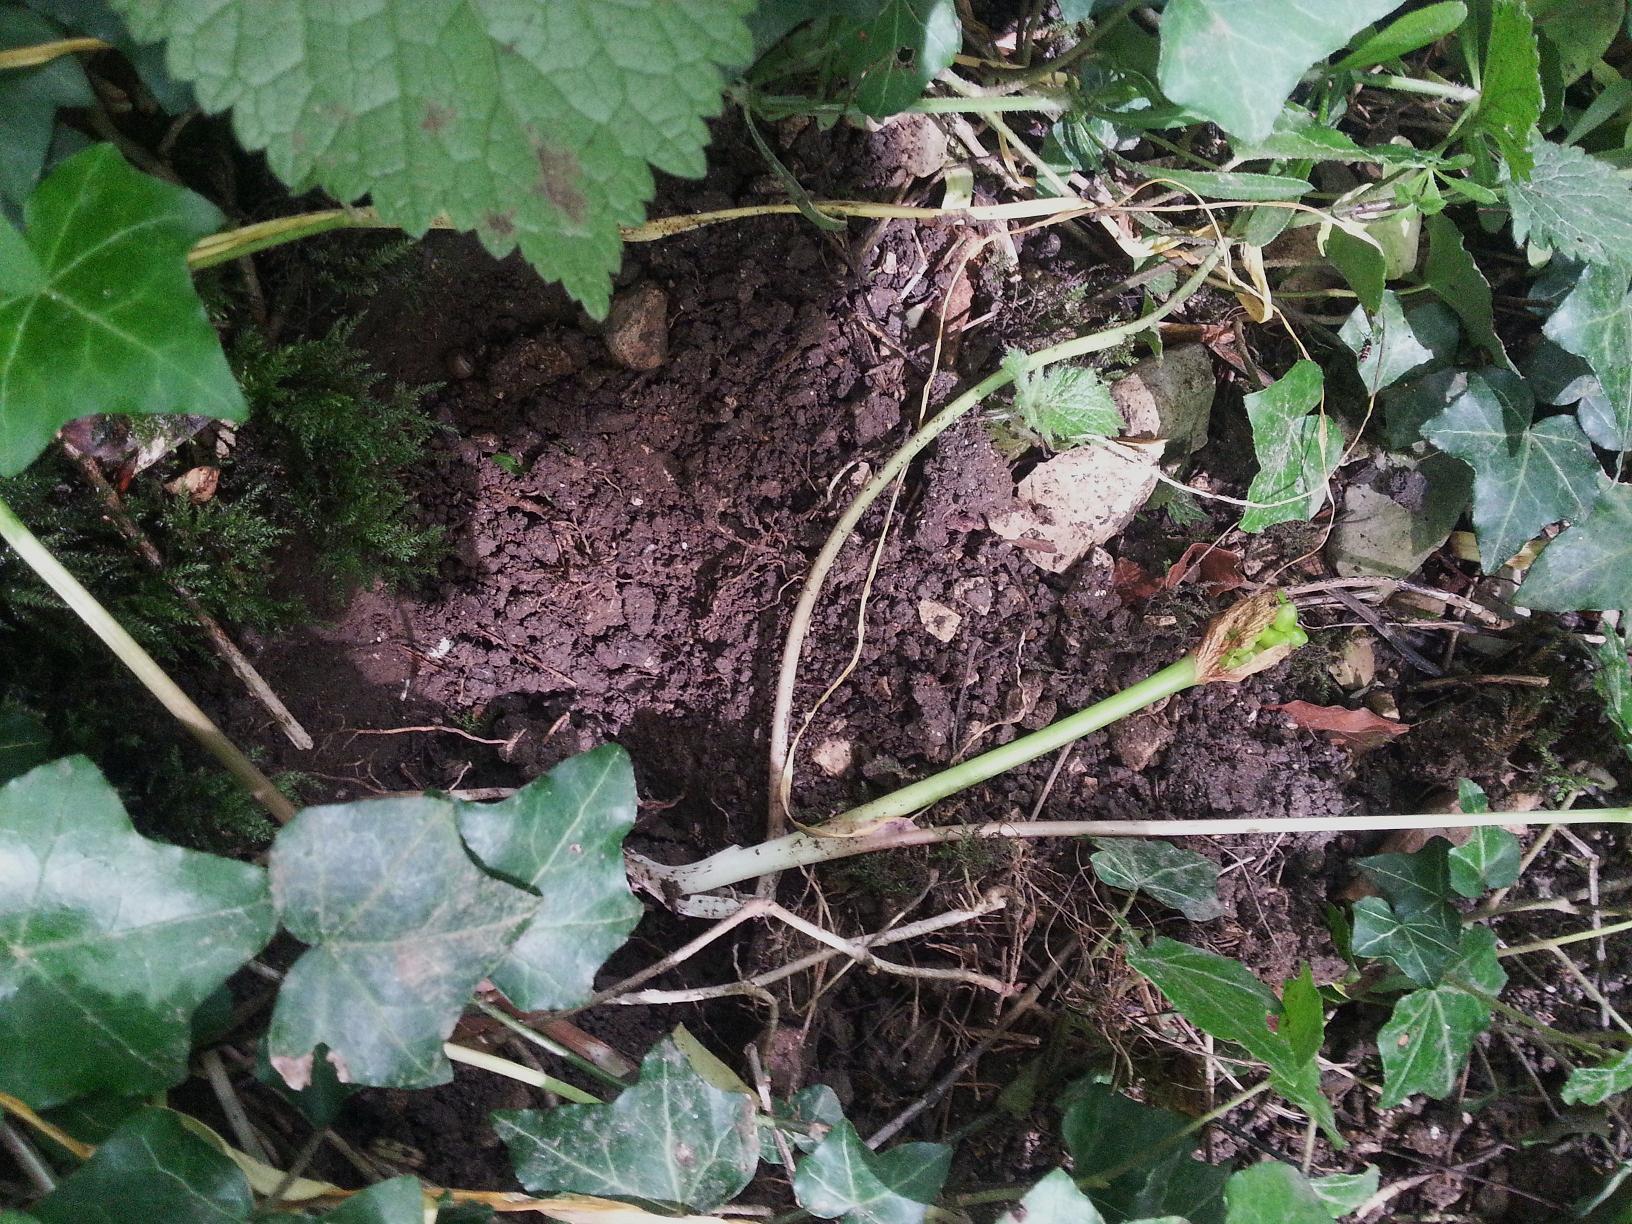 Le blaireau consomme parfois la tige souterraine de cette plante.